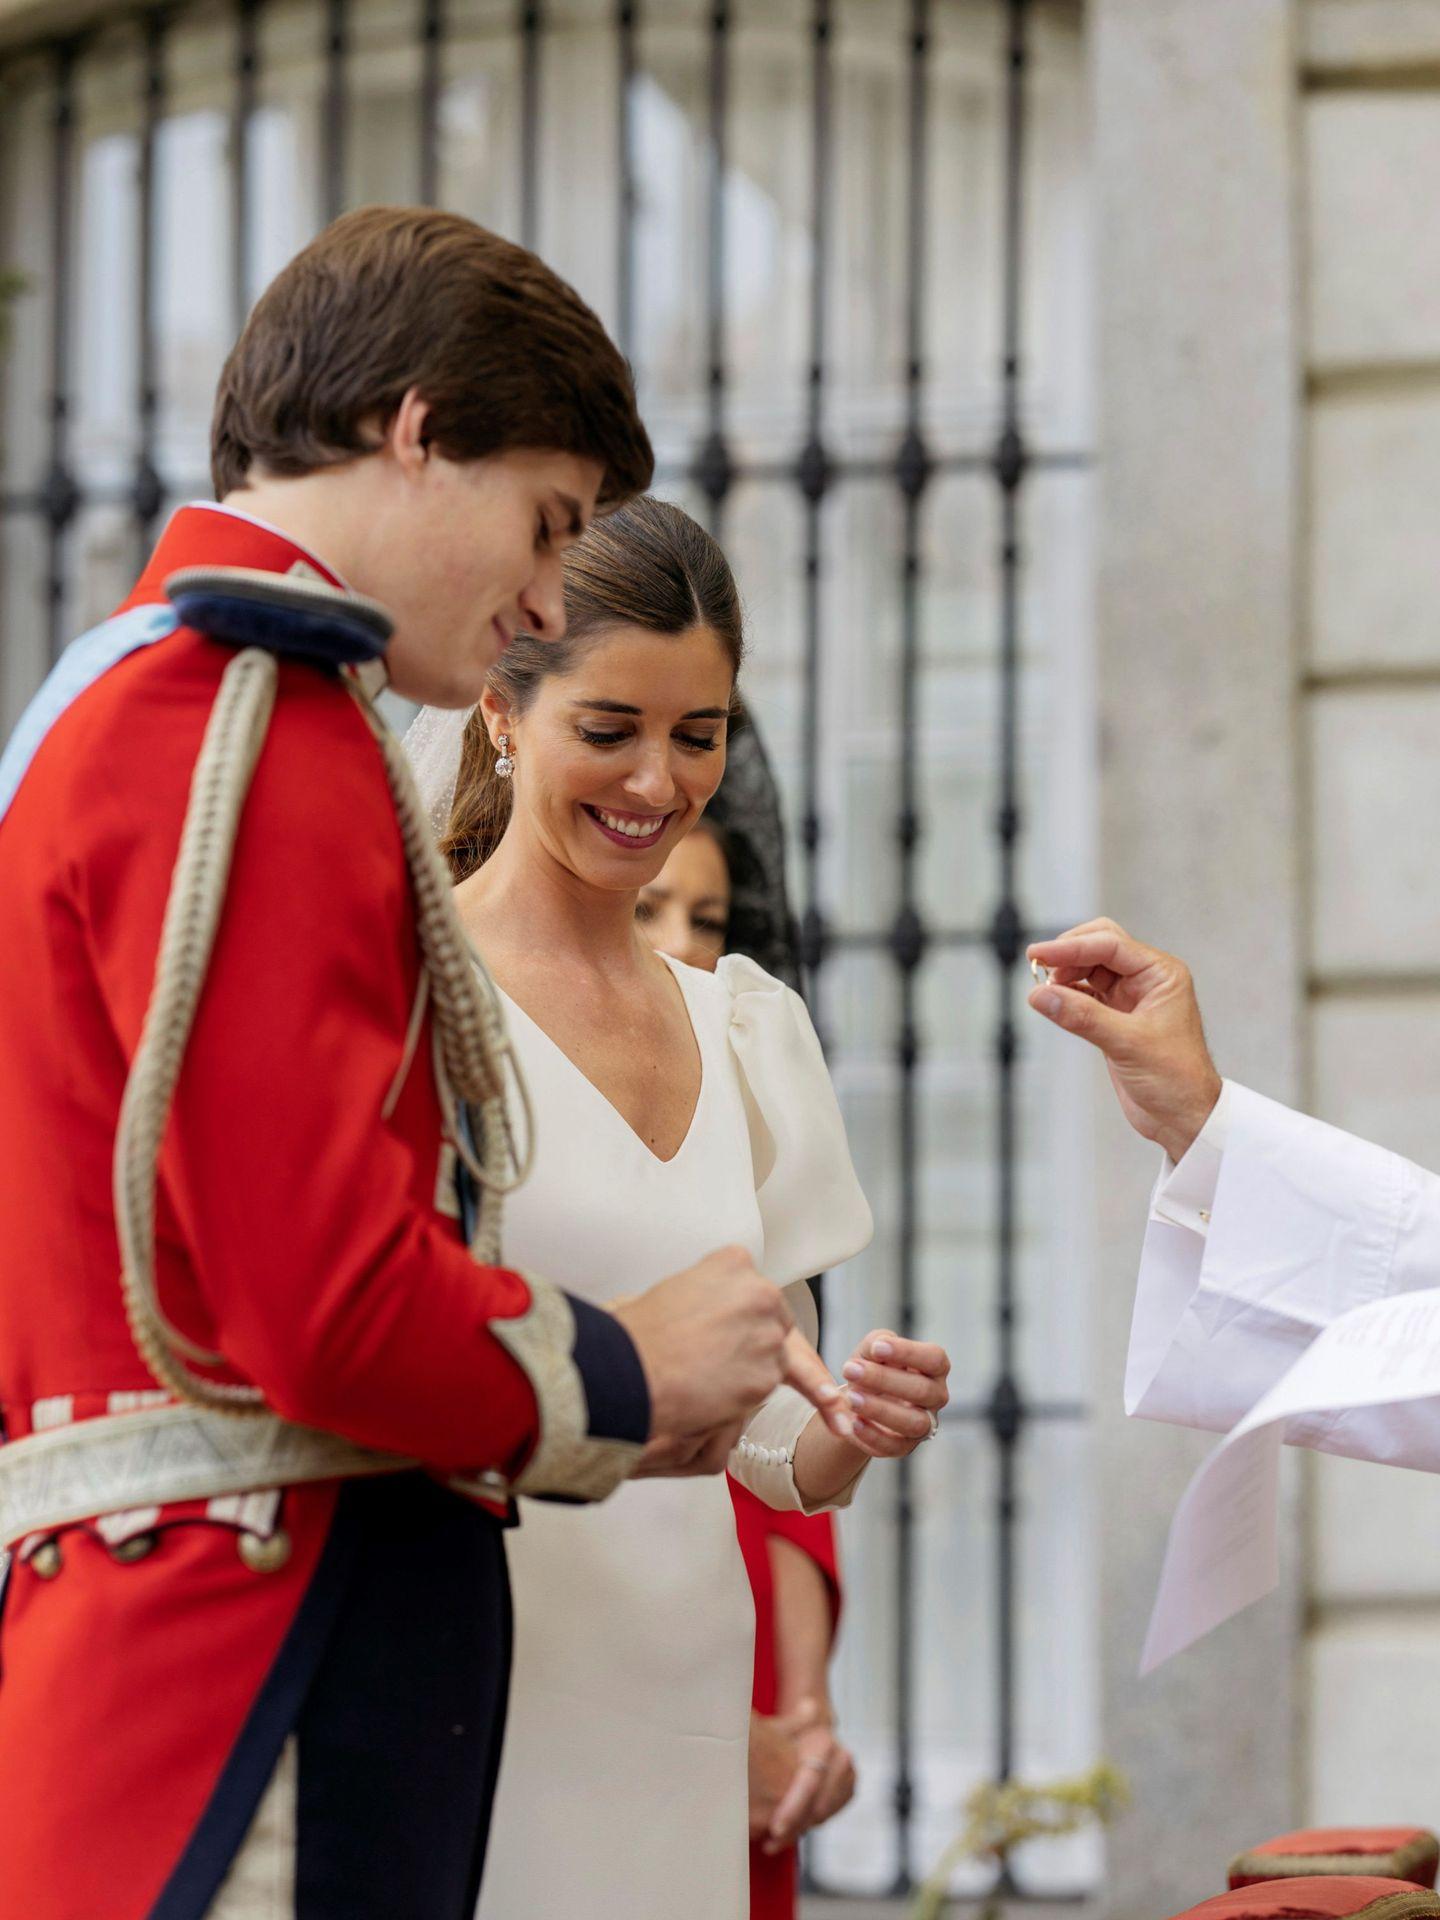 El momento de la entrega del anillo. (Alejandra Ortiz/EFE)